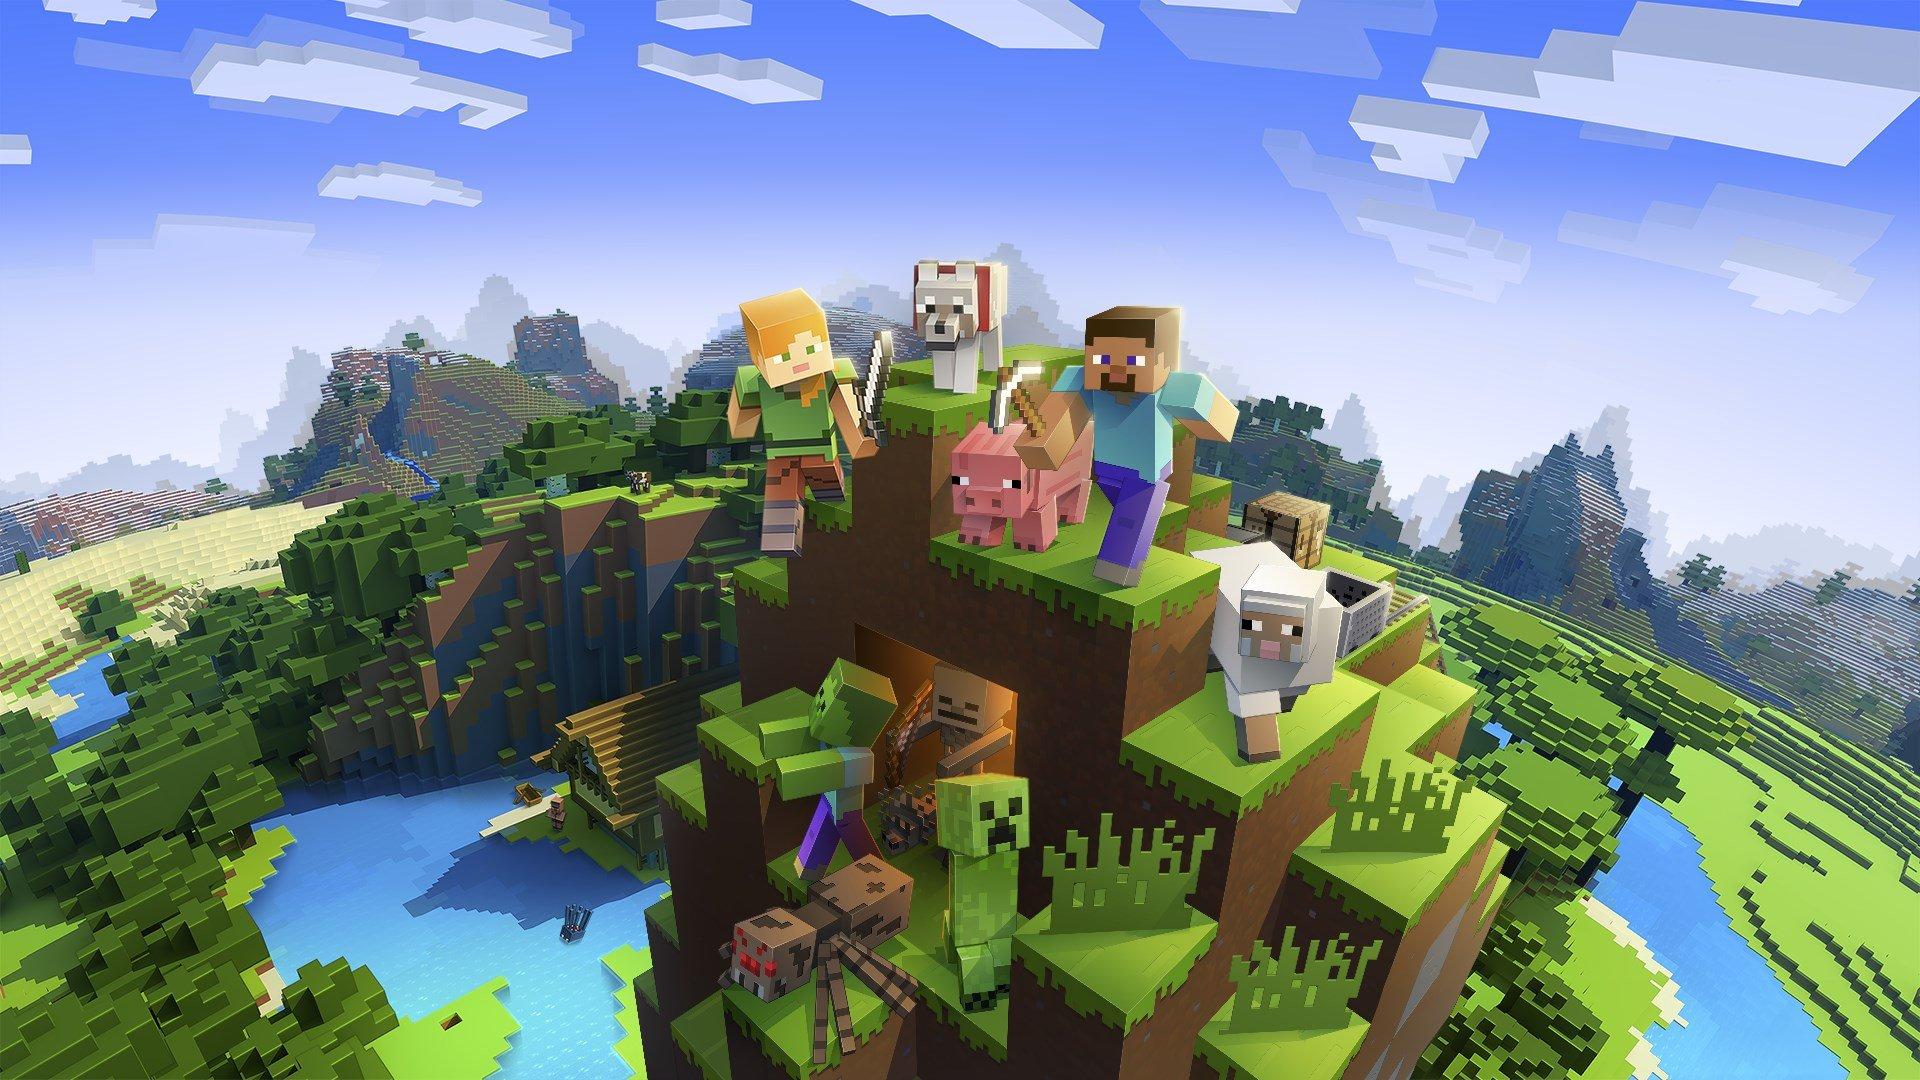 Filmowy Minecraft – za efekty specjalne odpowiadać będzie spec od Aquaman